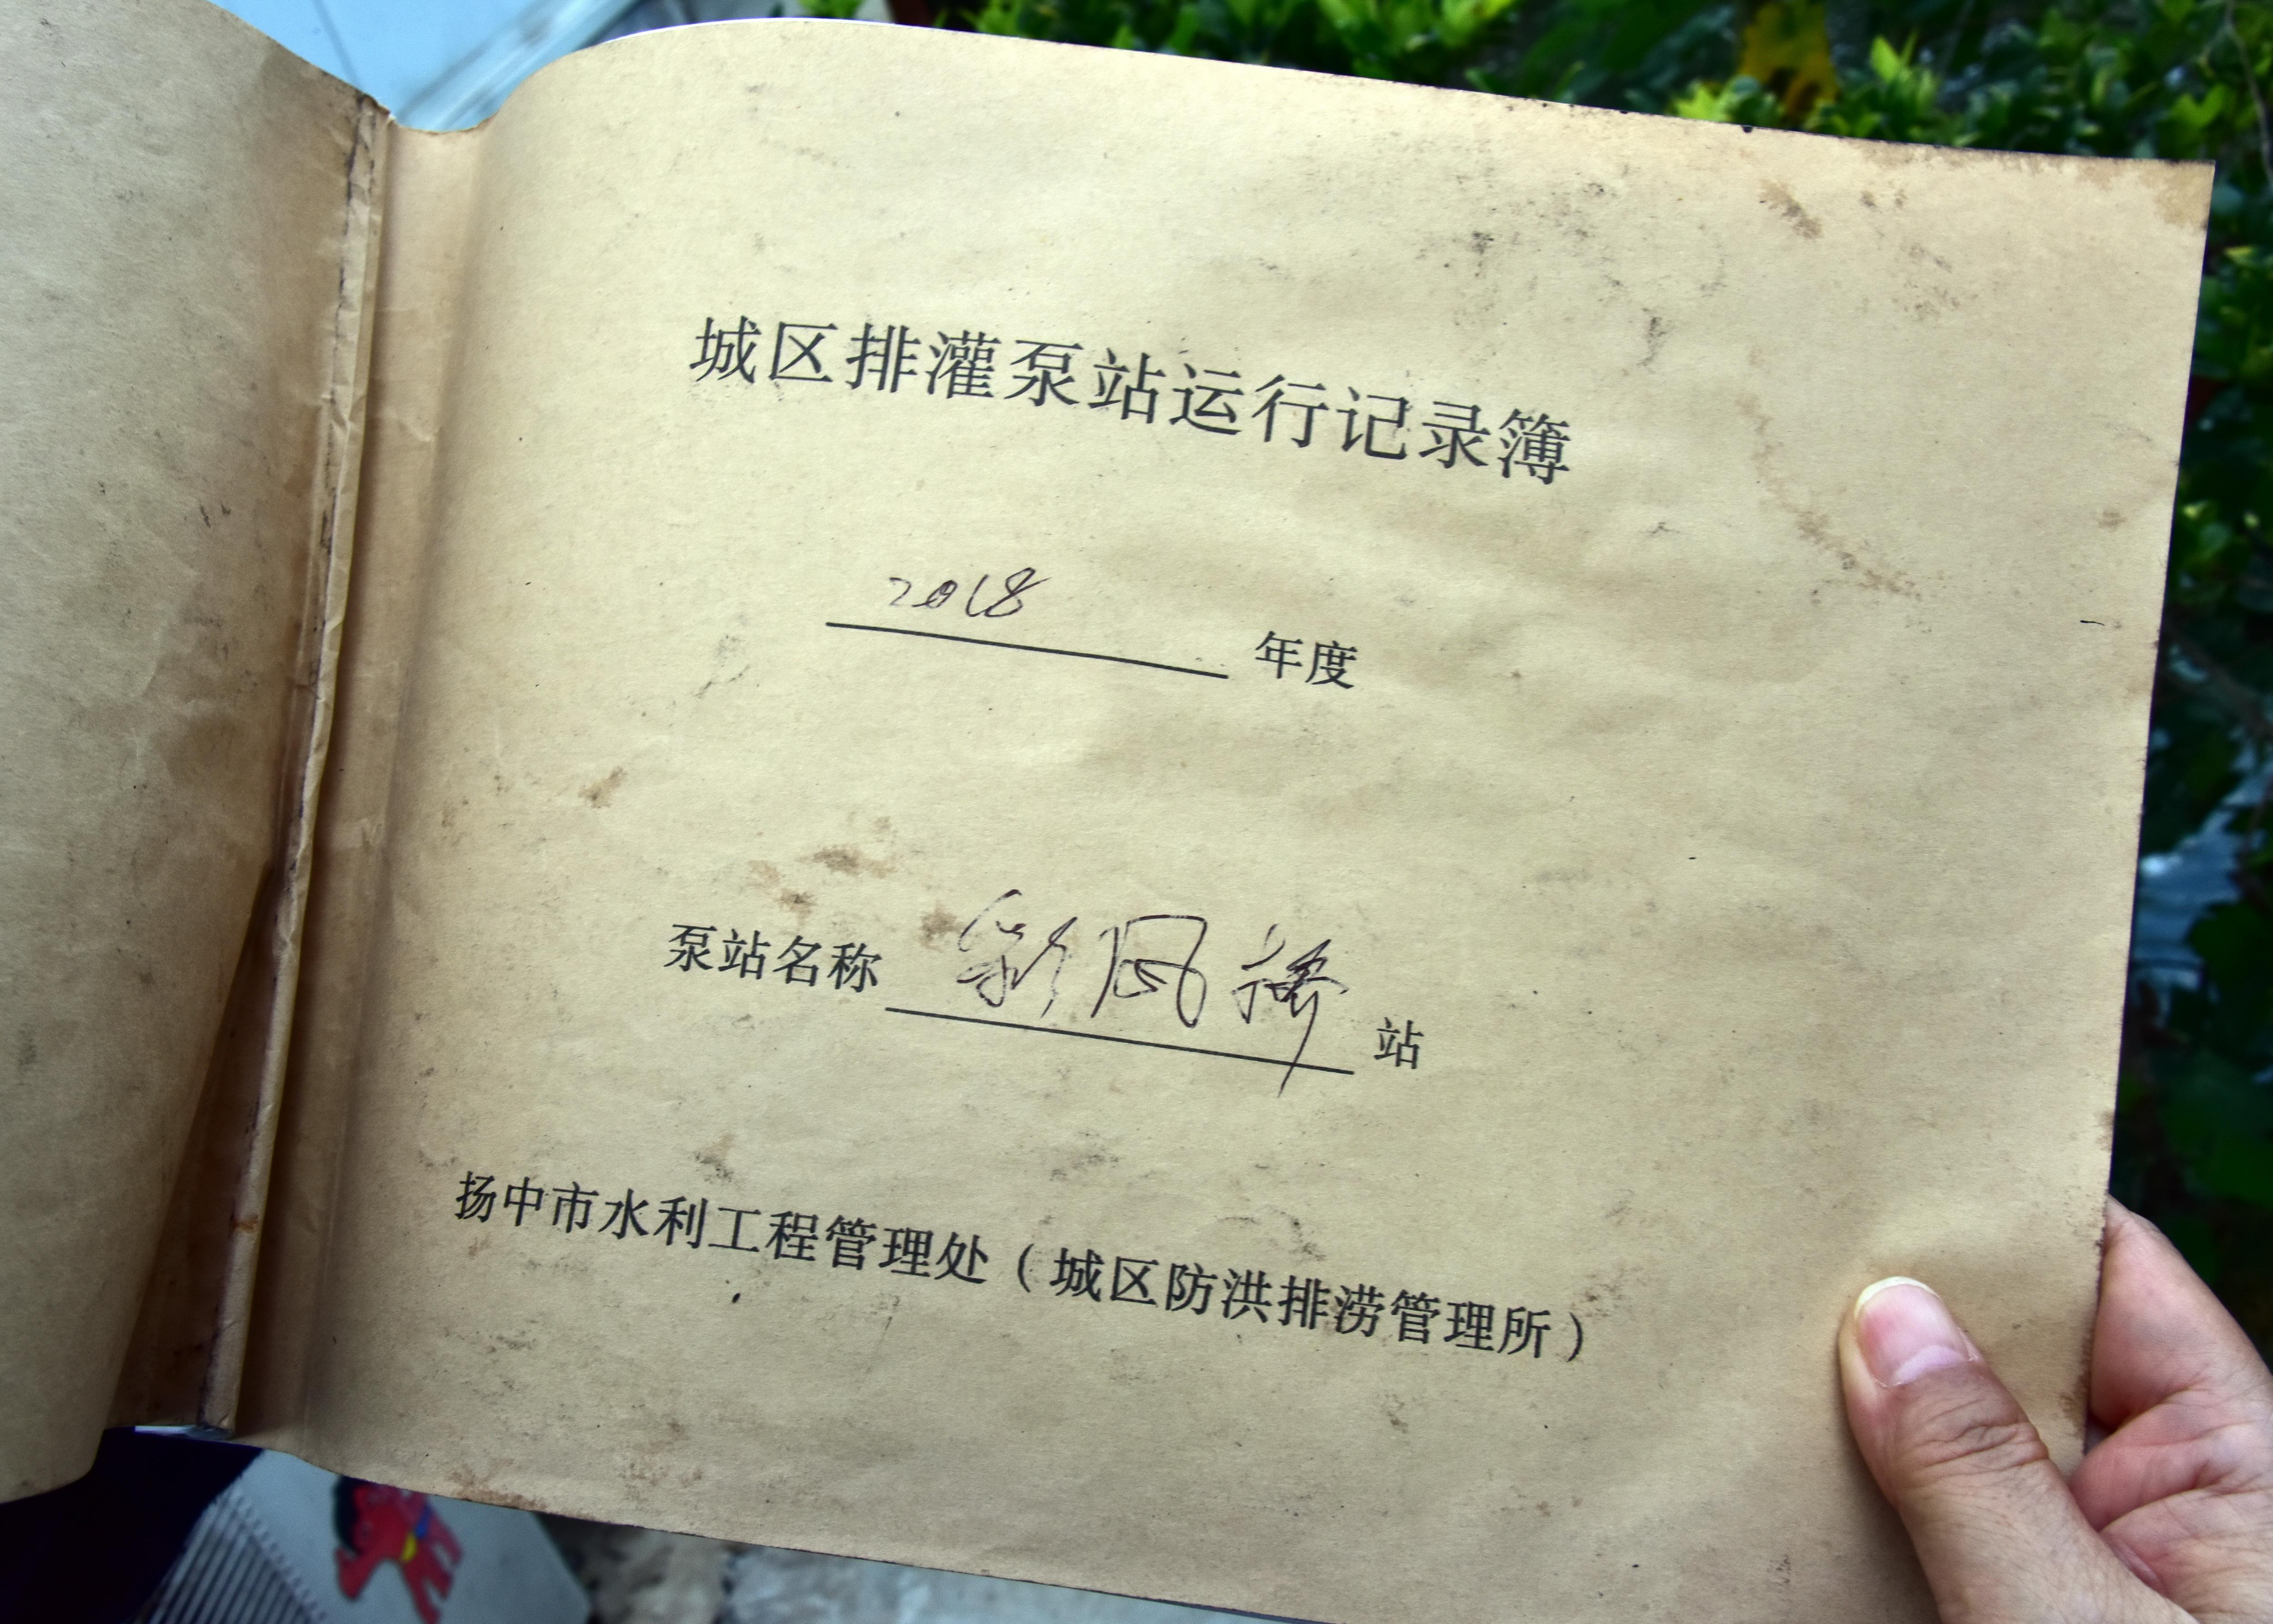 扬中市彩凤桥的城区排灌泵站运行记录簿。摄影/章轲